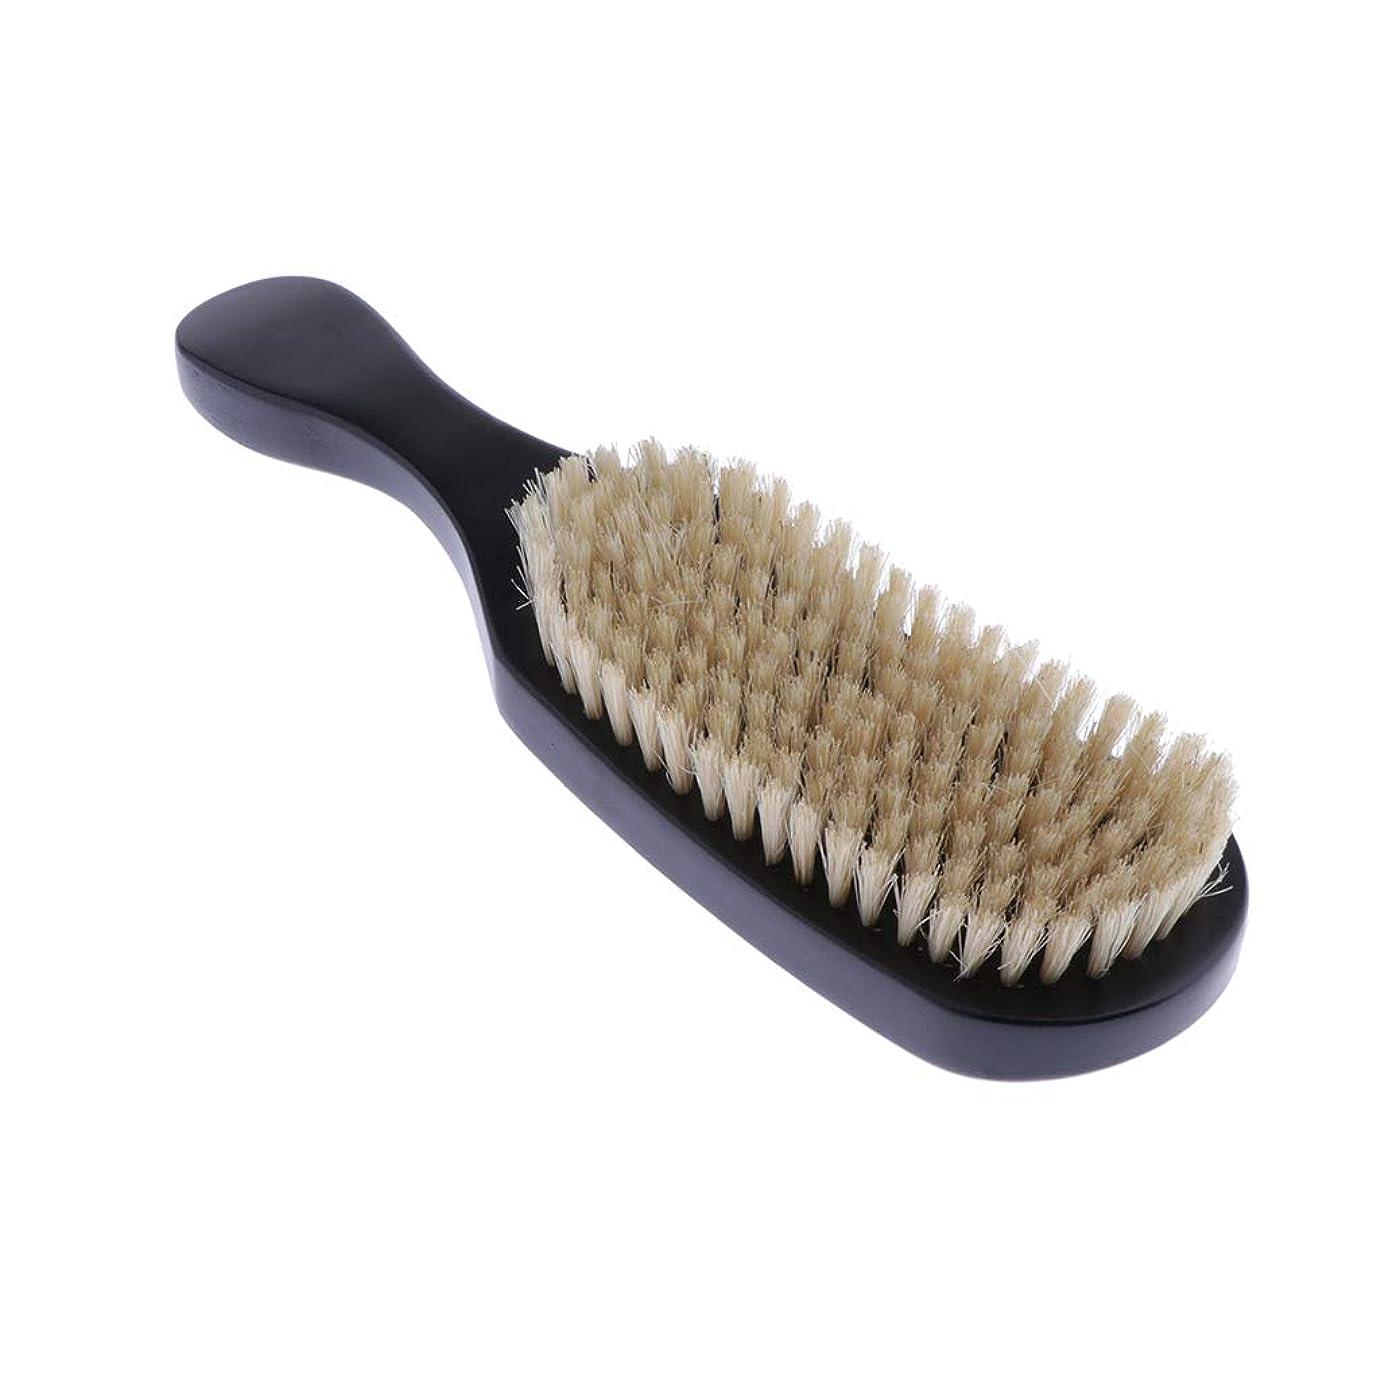 肉の素人プログラムDYNWAVE へアカラーセット ヘアダイブラシ DIY髪染め用 サロン 美髪師用 ヘアカラーの用具 全4色 - ブラック